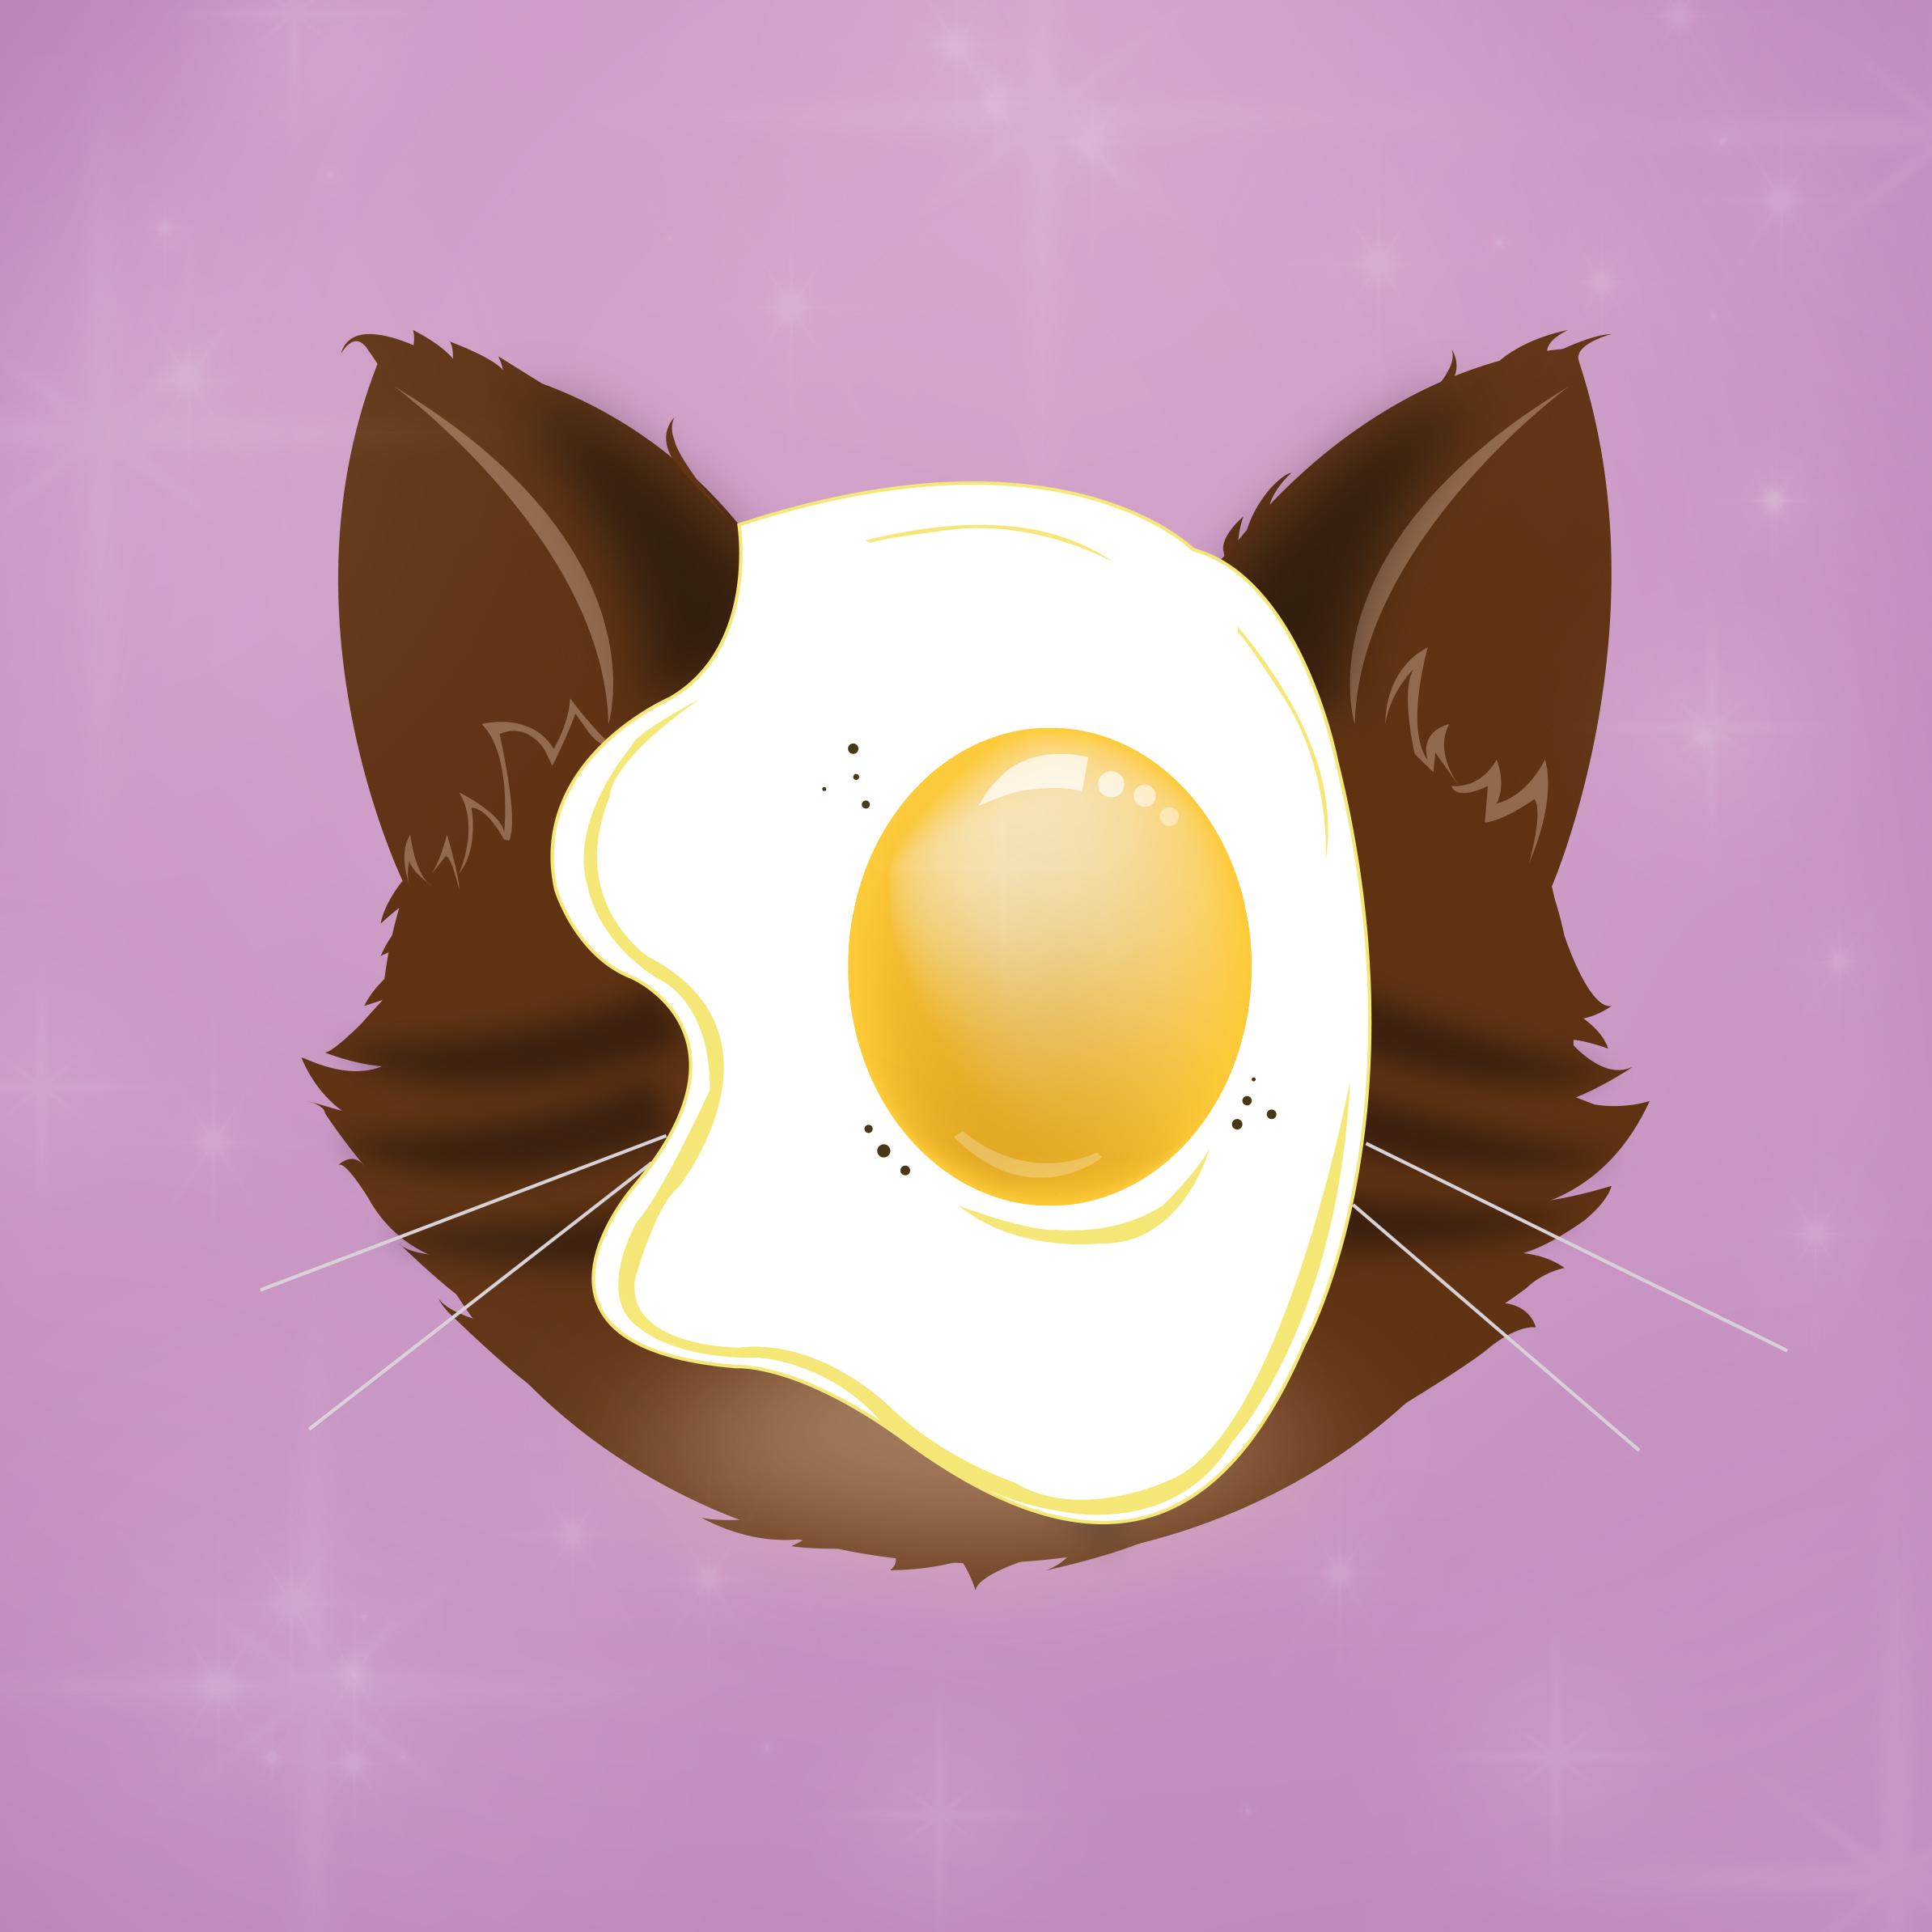 catface-egg.jpg